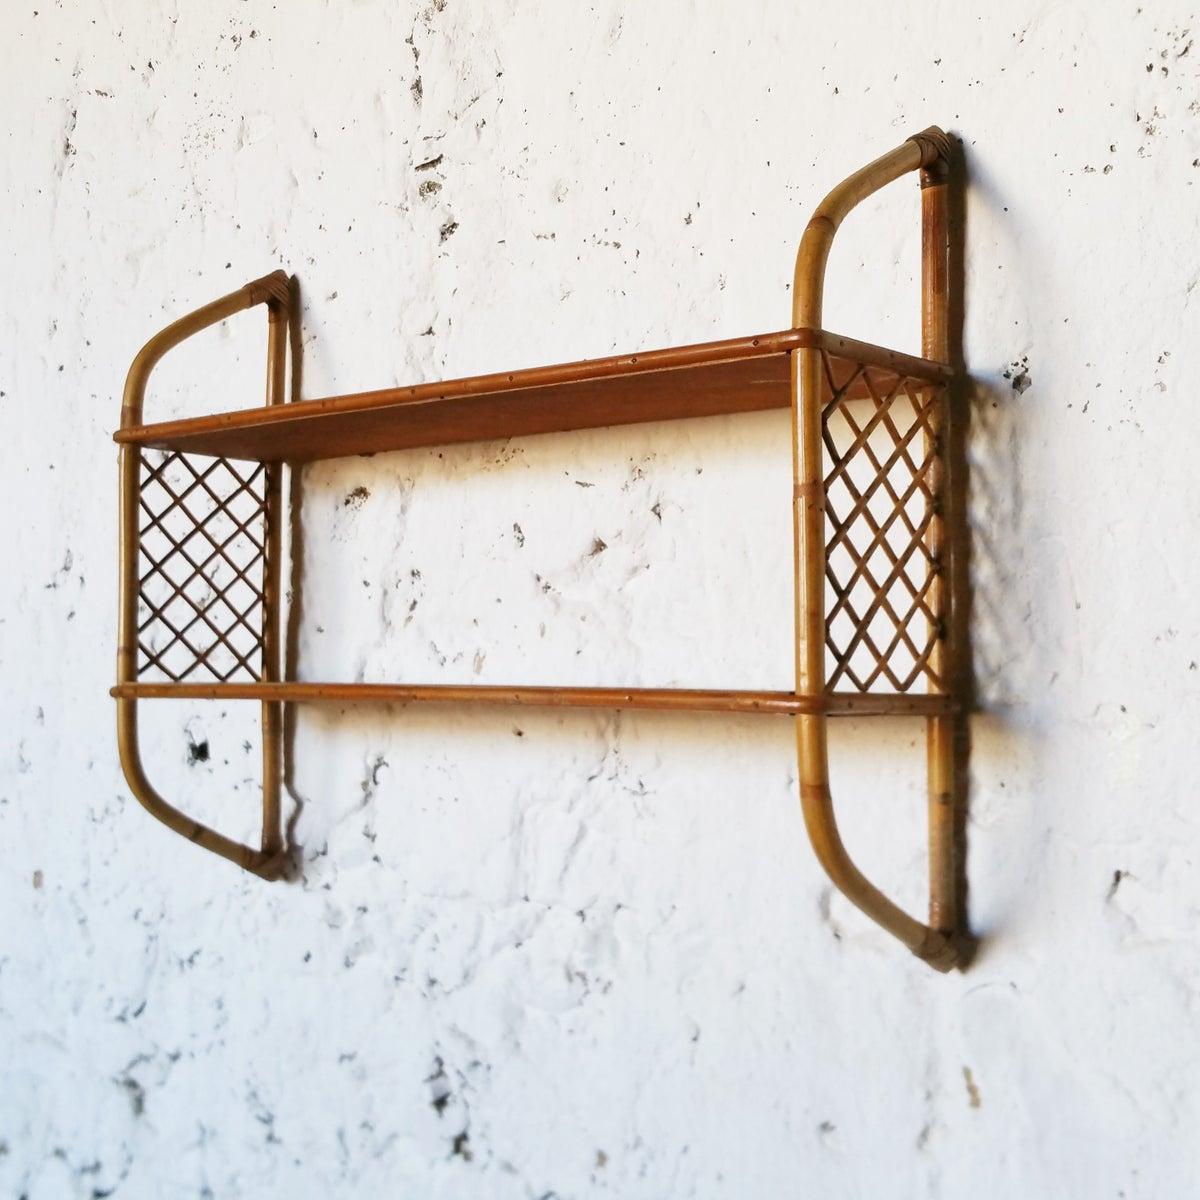 etag re vintage en rotin fibresendeco vannerie artisanale mobilier vintage. Black Bedroom Furniture Sets. Home Design Ideas